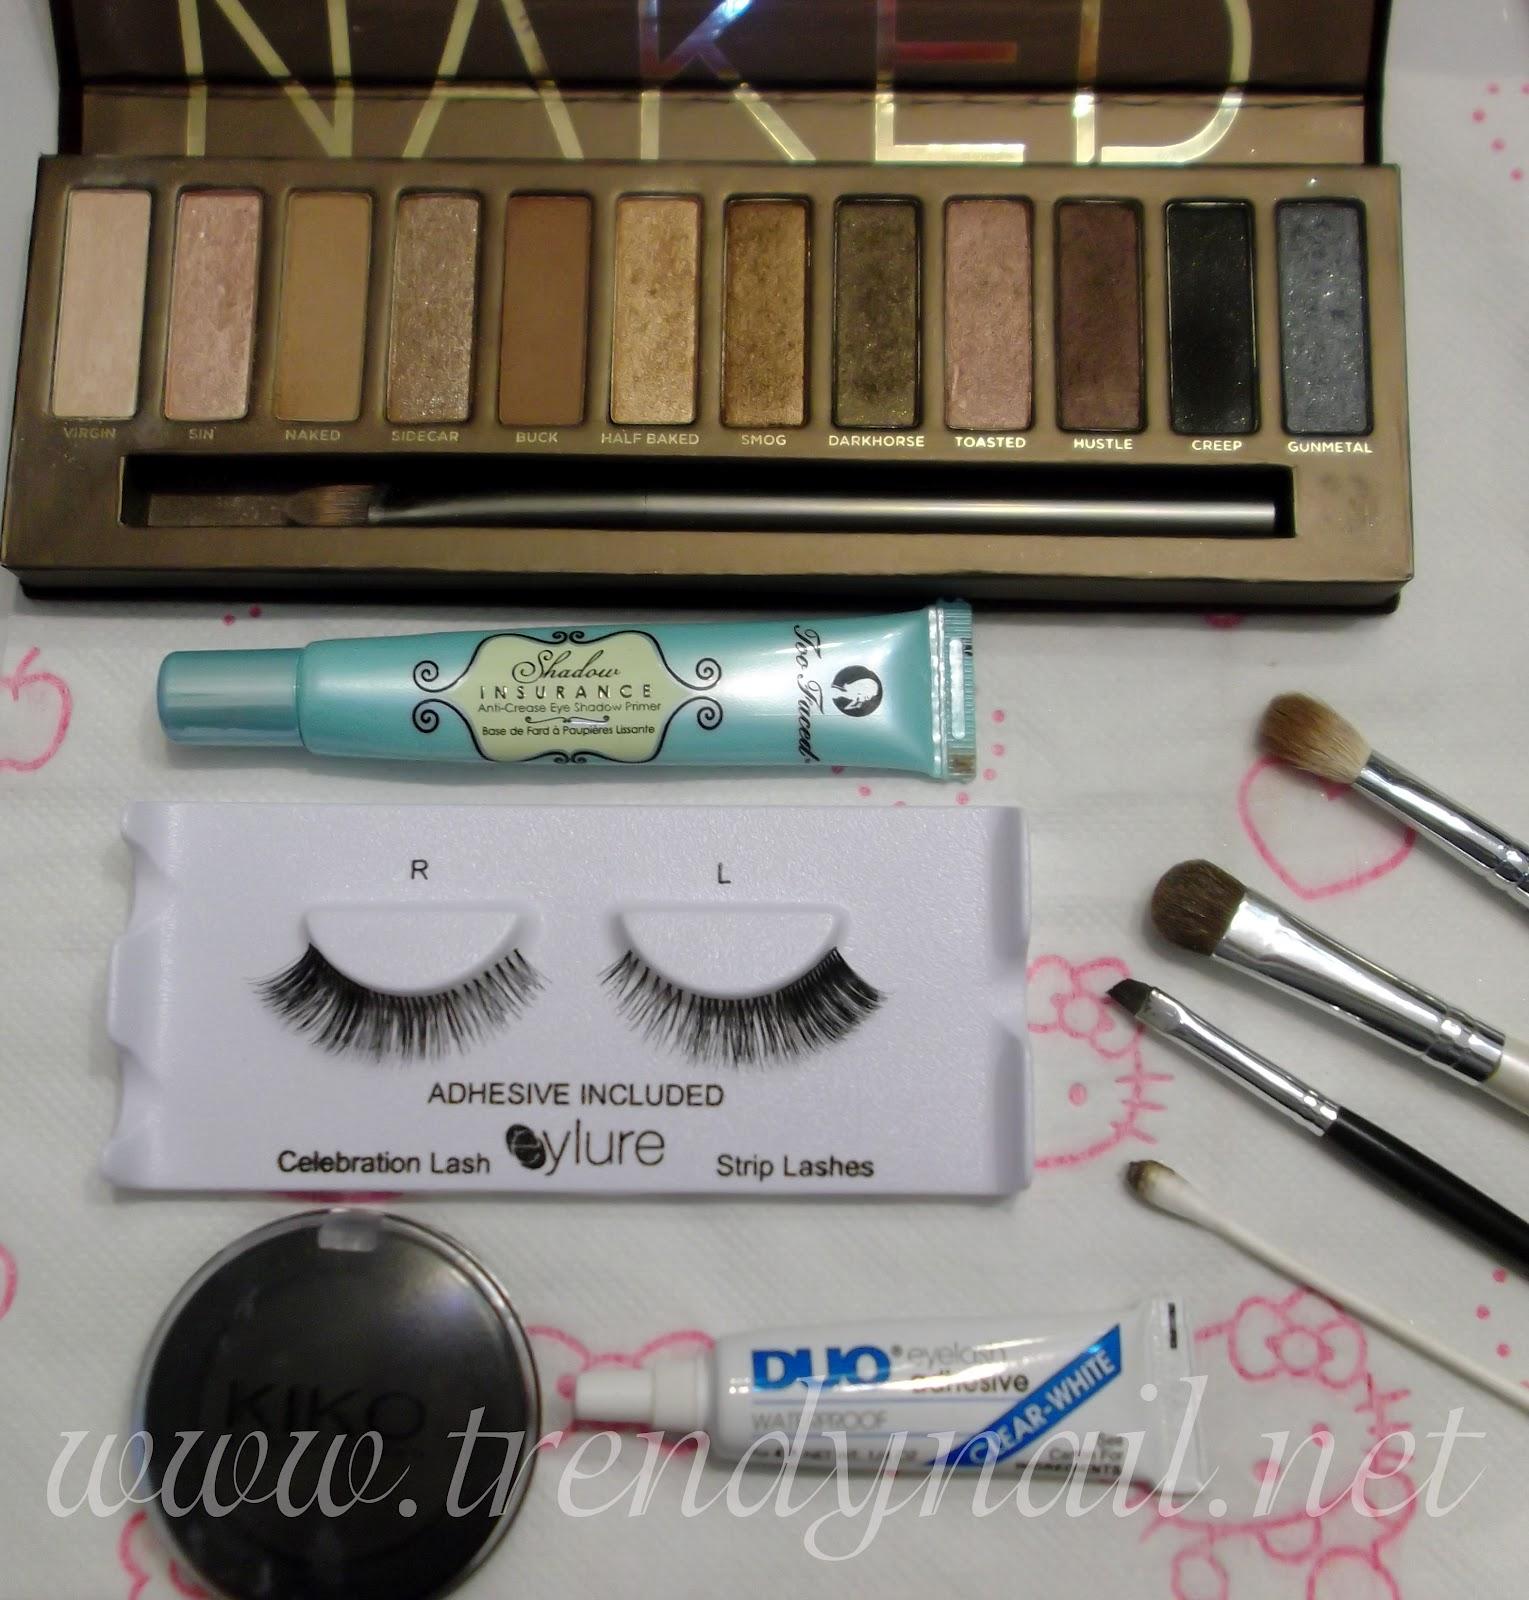 http://2.bp.blogspot.com/-BCZbZ95U8og/T57sxmmGFxI/AAAAAAAAEww/f2_nio3If28/s1600/Adele+makeup+%286%29+wm.jpg